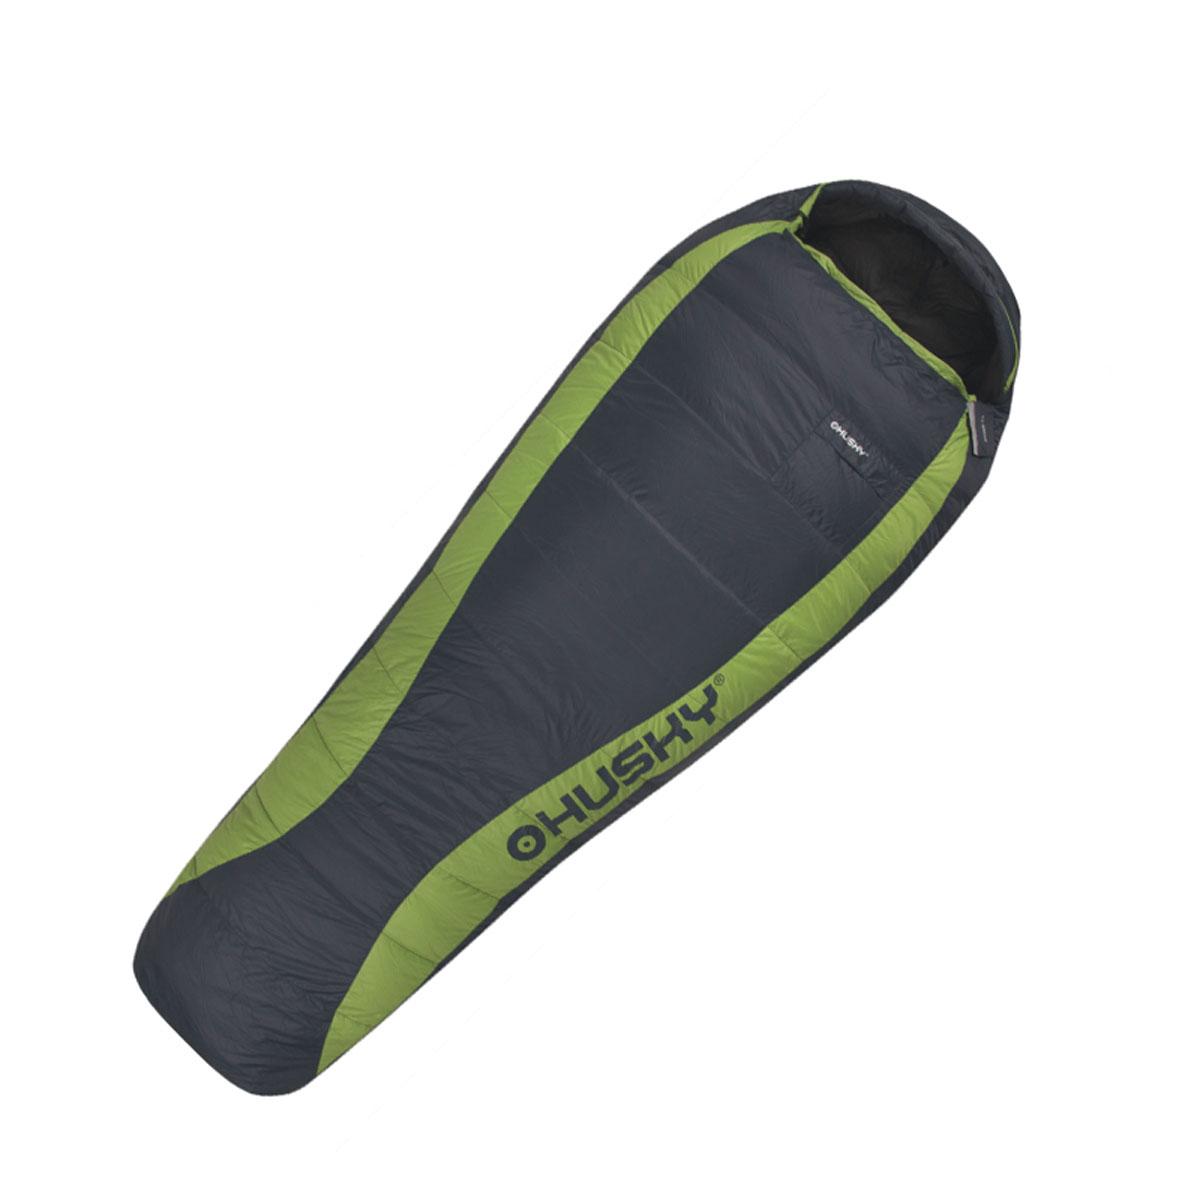 Спальный мешок Husky Dinis, левосторонняя молния, цвет: серый, зеленыйУТ-000057562Пуховый спальный мешок с весом всего 830 грамм.Самые современные ткани, внутренний воротник, антискользящие полосы, карманы снаружи и внутри, теплыемолнии YKK, компрессионный мешок.Внутренний материал: 380T нейлон.Внешний материал: 20D нейлон Tactel.Утеплитель: гусиный пух 90/10 700 cuin.